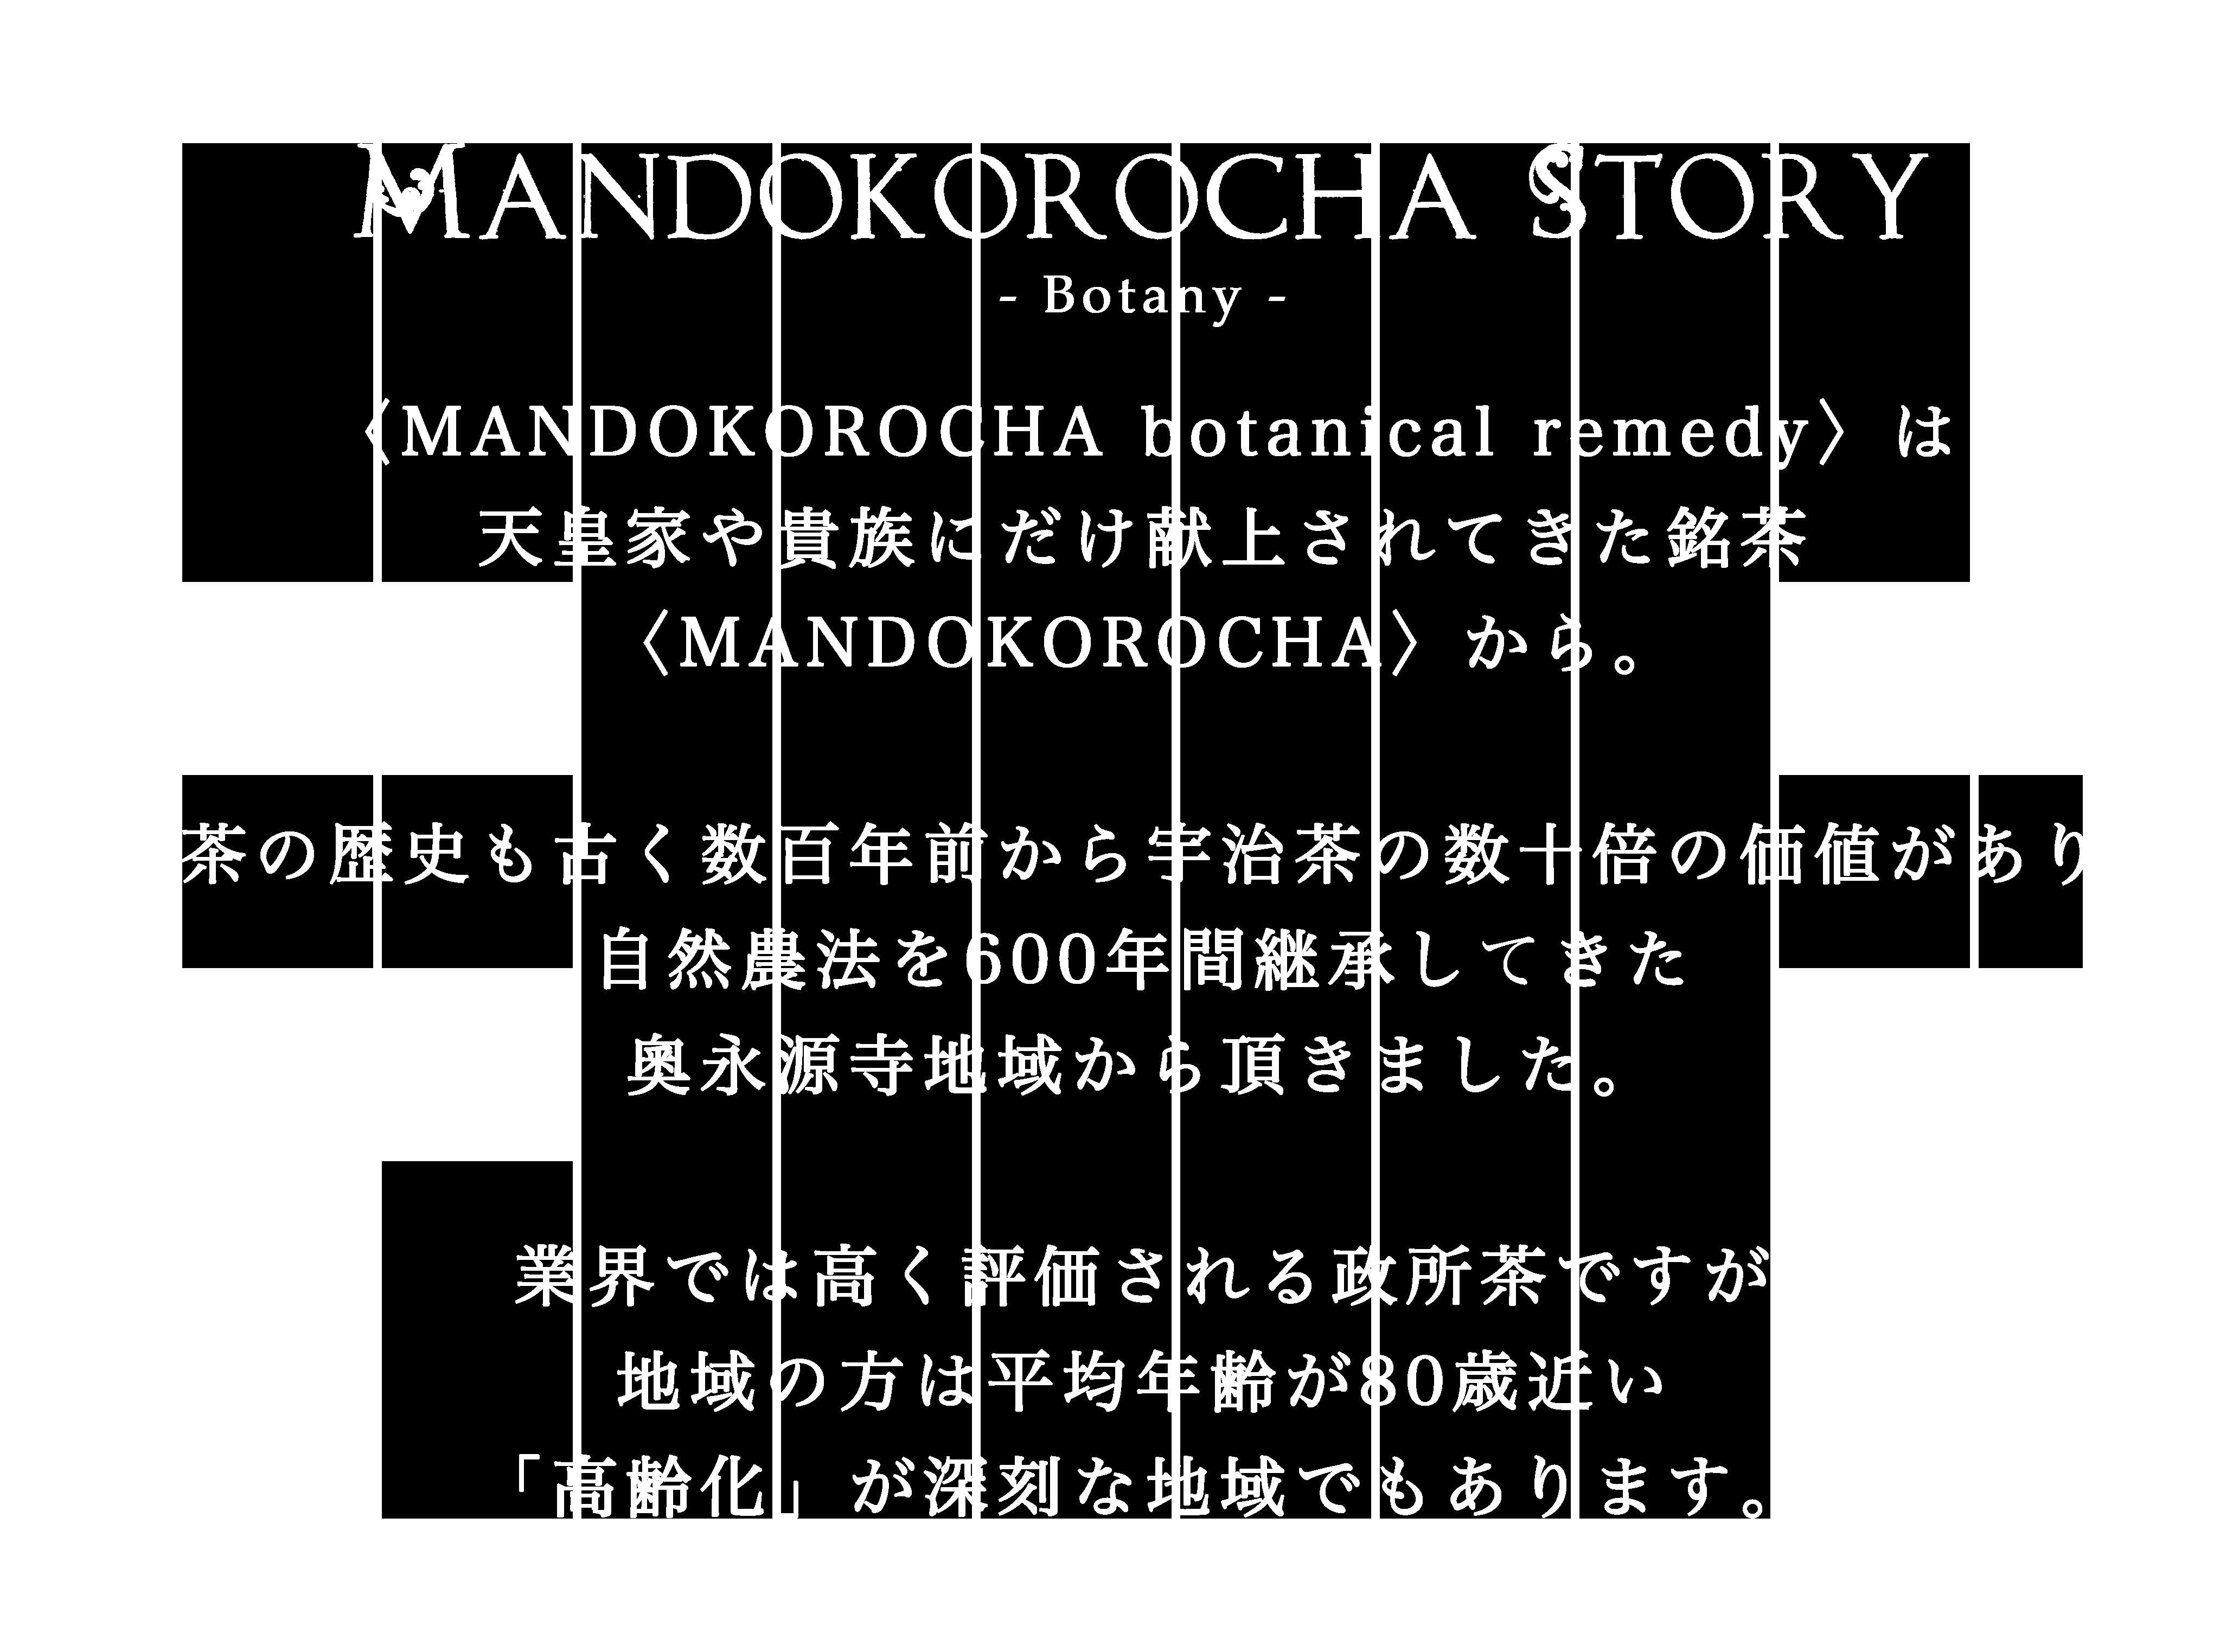 Mandokorocha Story Botany2